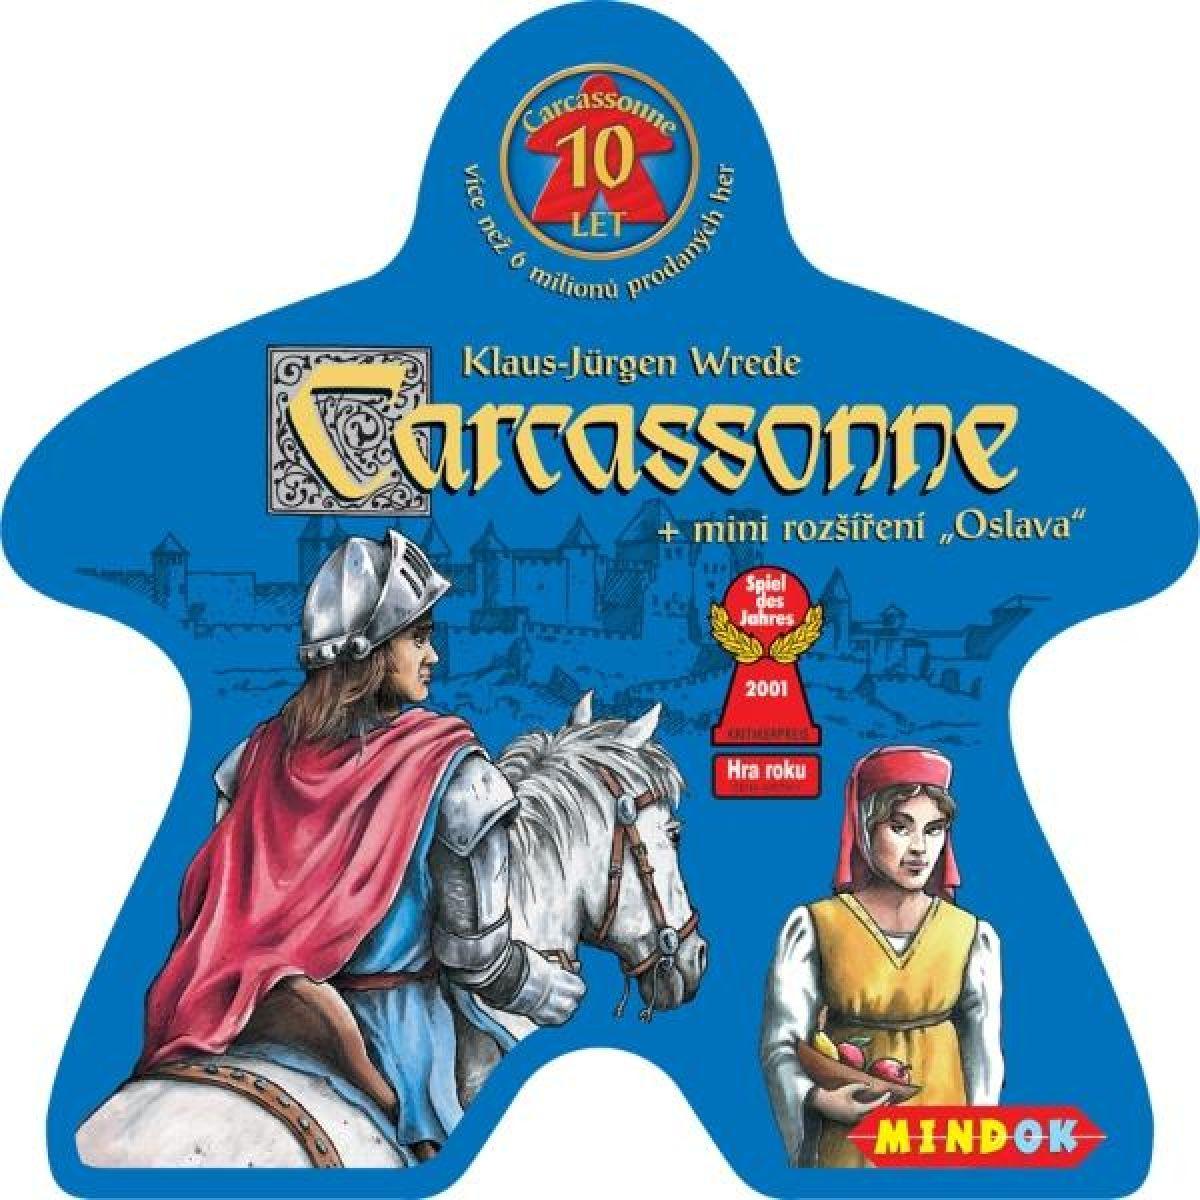 Carcassonne jubilejní edice 10 let - POŠKOZENÝ OBAL